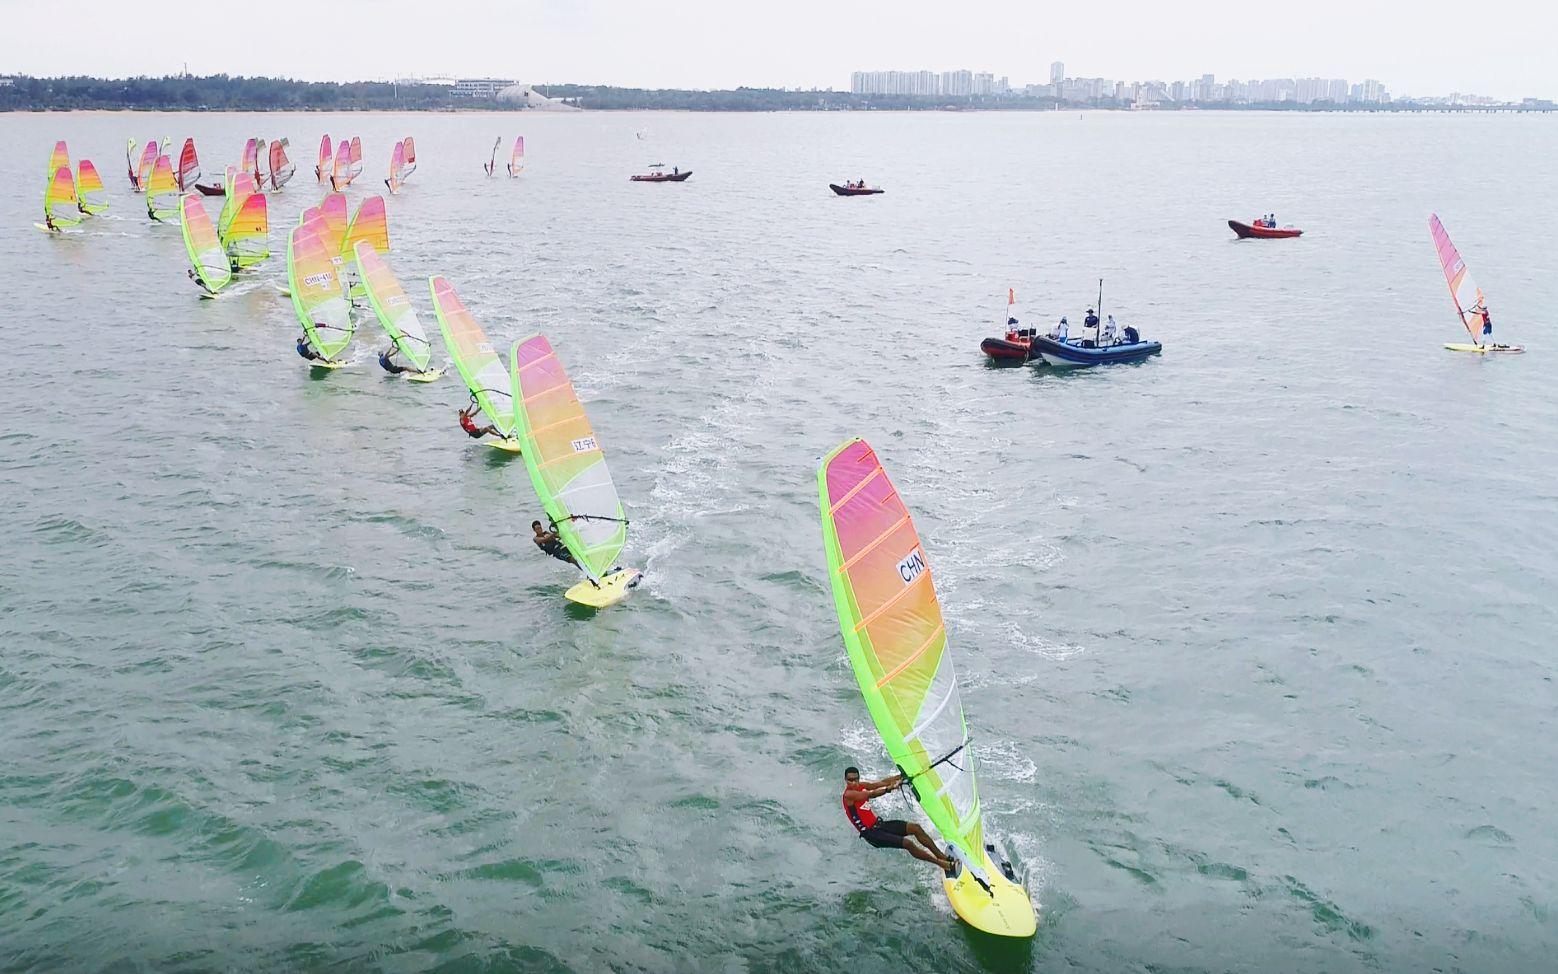 帆船帆板队接受奥运会方式查验